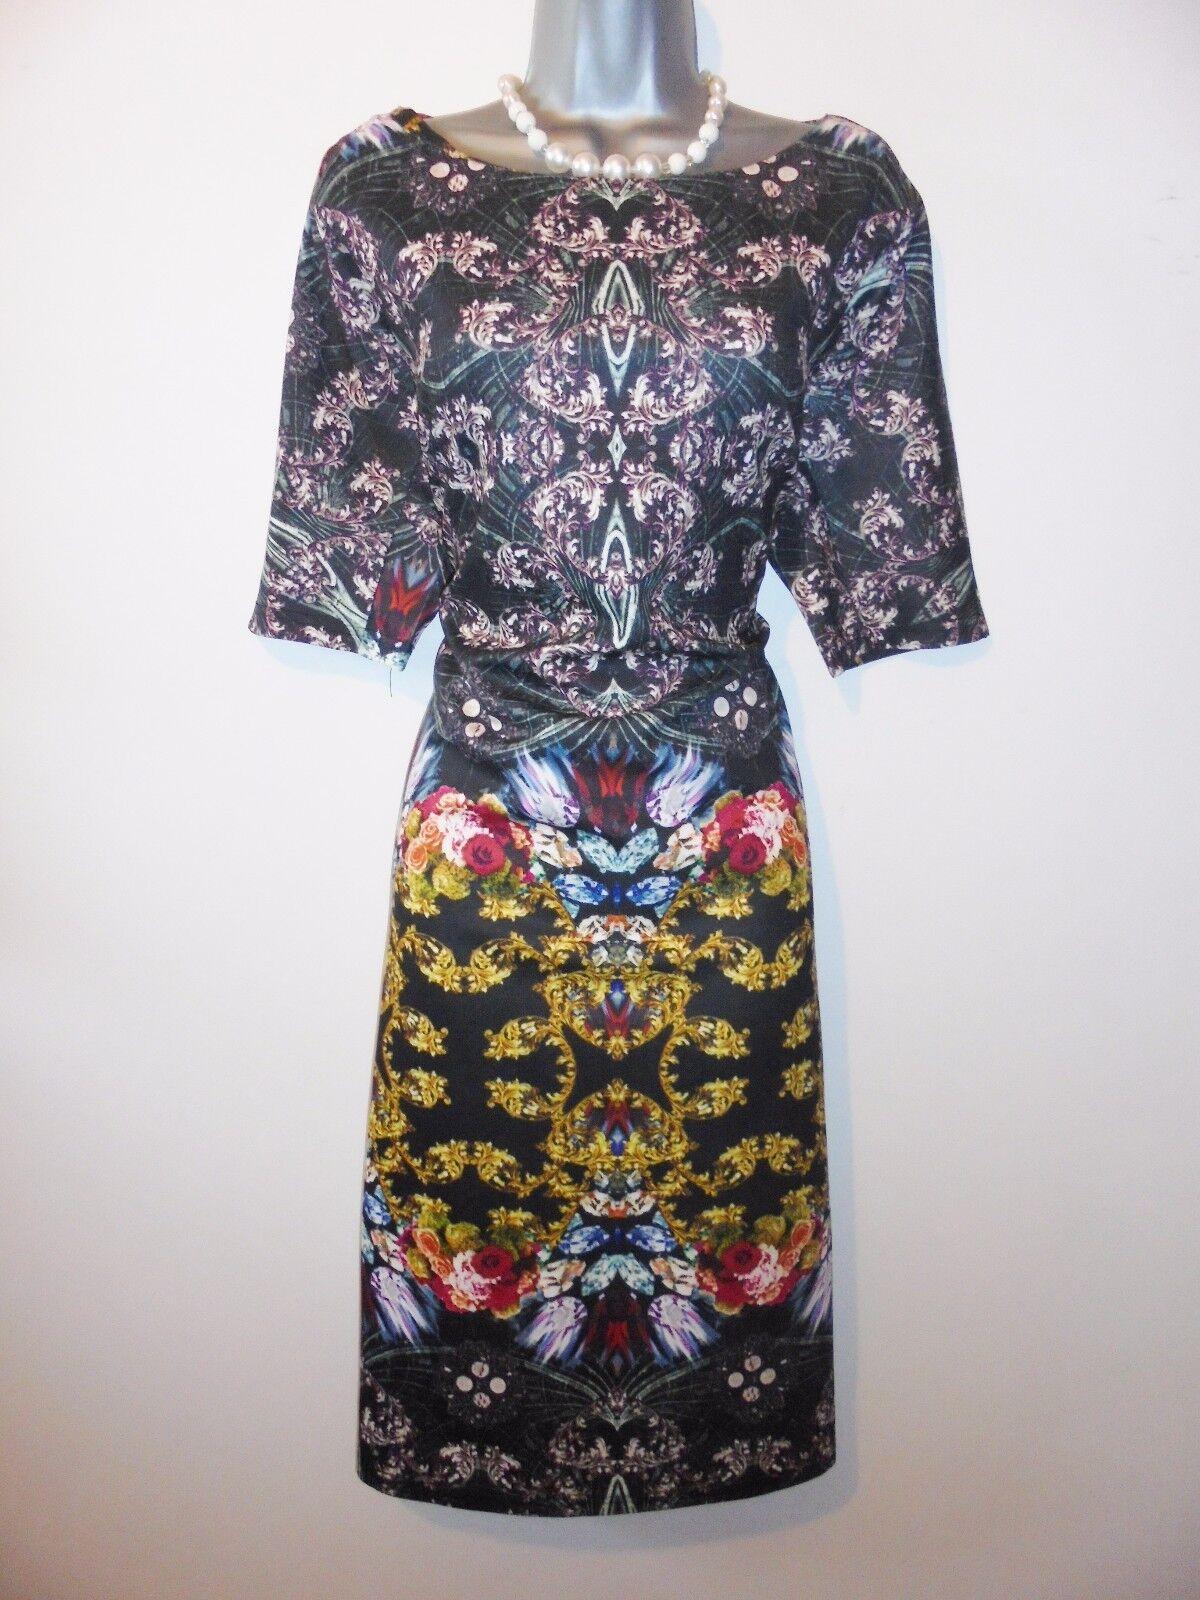 BNWT AX Paris Jewel Print Midi Curve Evening Occasion Dress Size 16 NEW